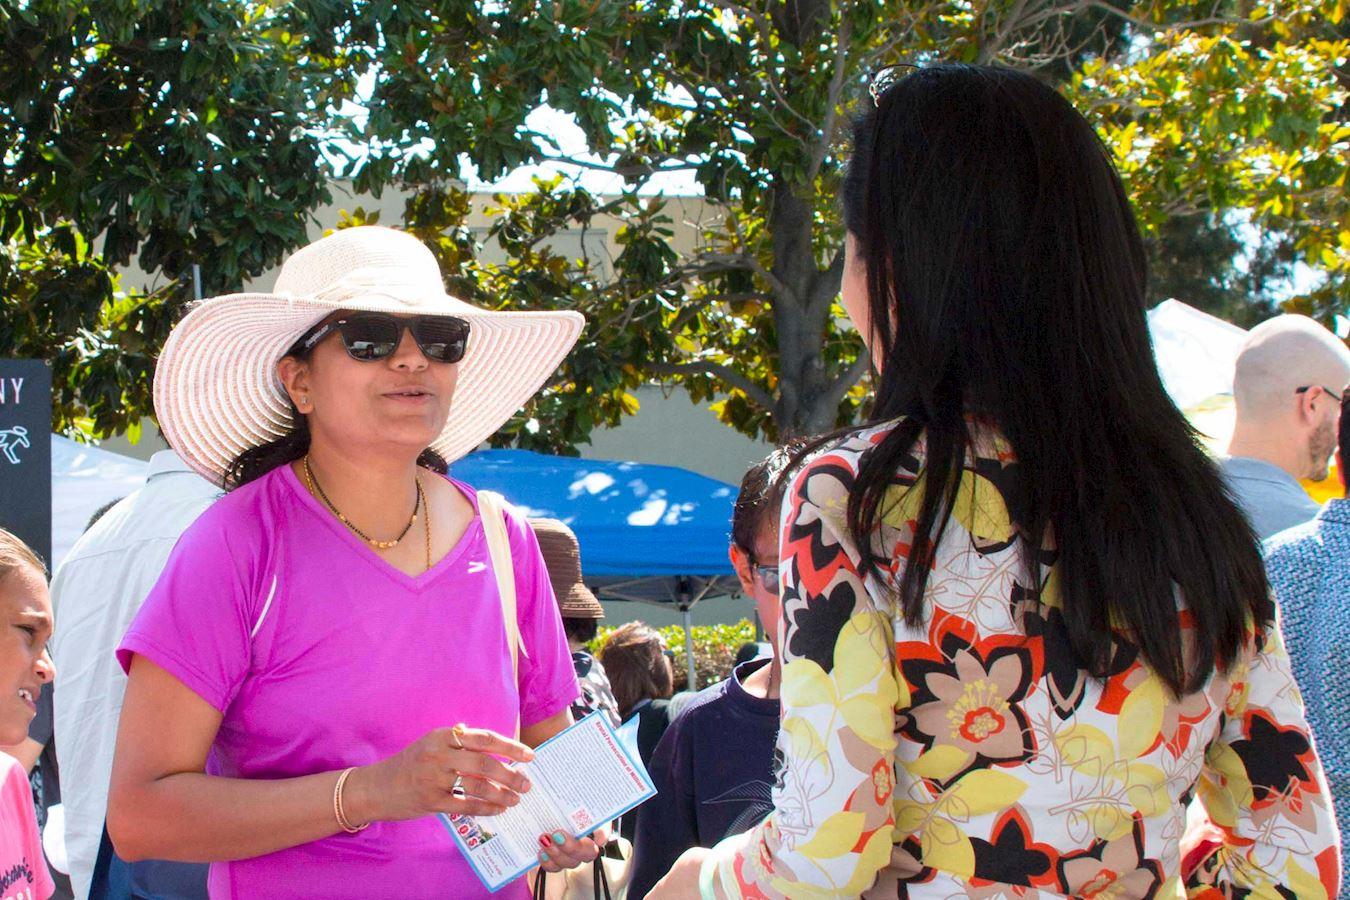 2017年8月5日和6日兩天,美國舊金山灣區佛利蒙市(Fremont)舉辦藝術節,部分法輪功學員來到這裡設置真相展位,向民眾傳播法輪功真相。(明慧網)